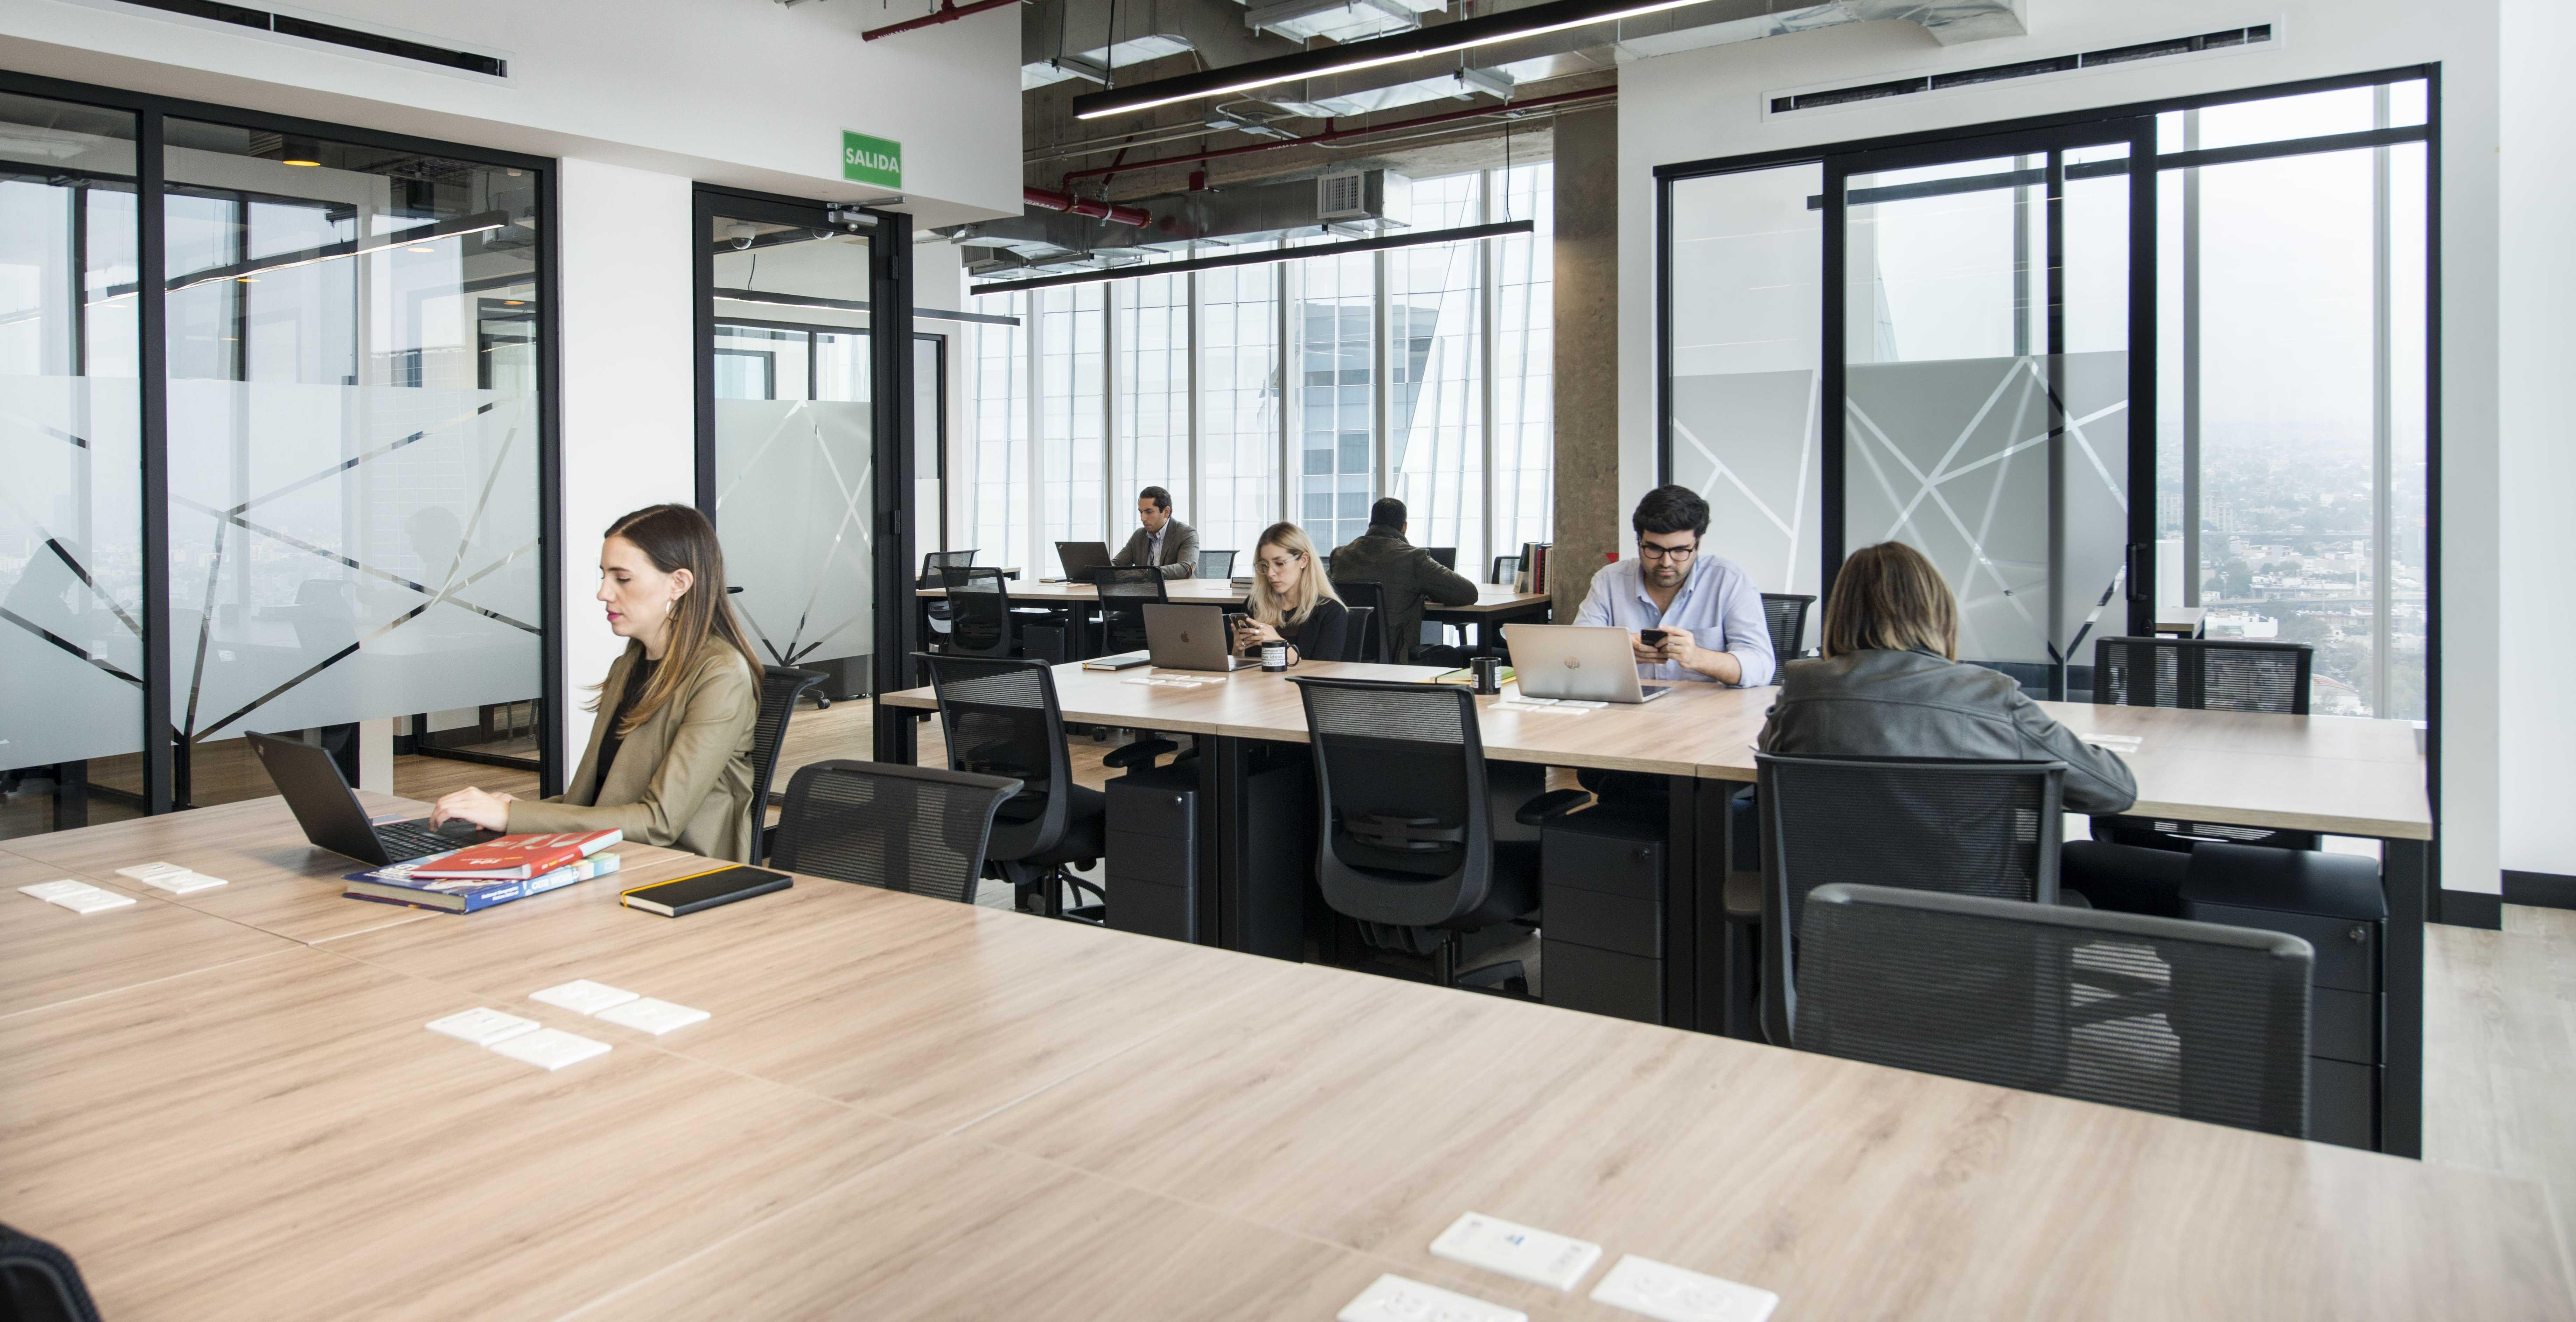 oficinas privadas grandes los beneficios para tu empresa